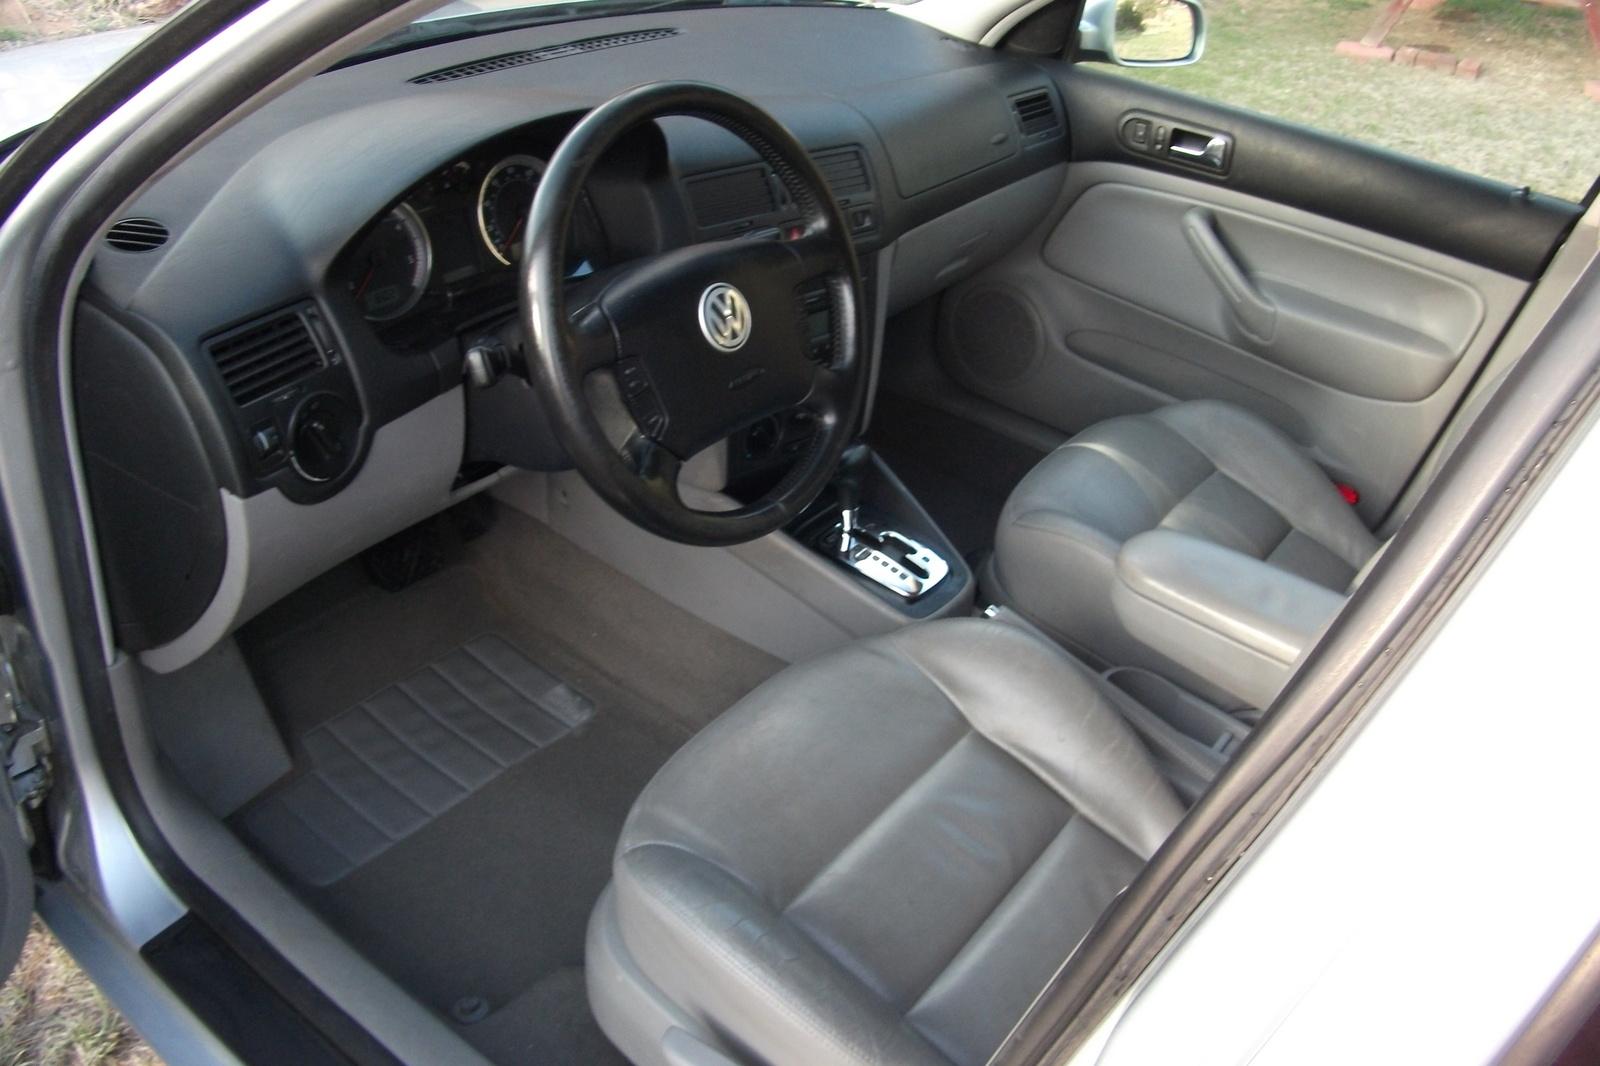 ... Jetta China 2013 also 2005 Volkswagen Jetta Interior. on 2005 vw jetta